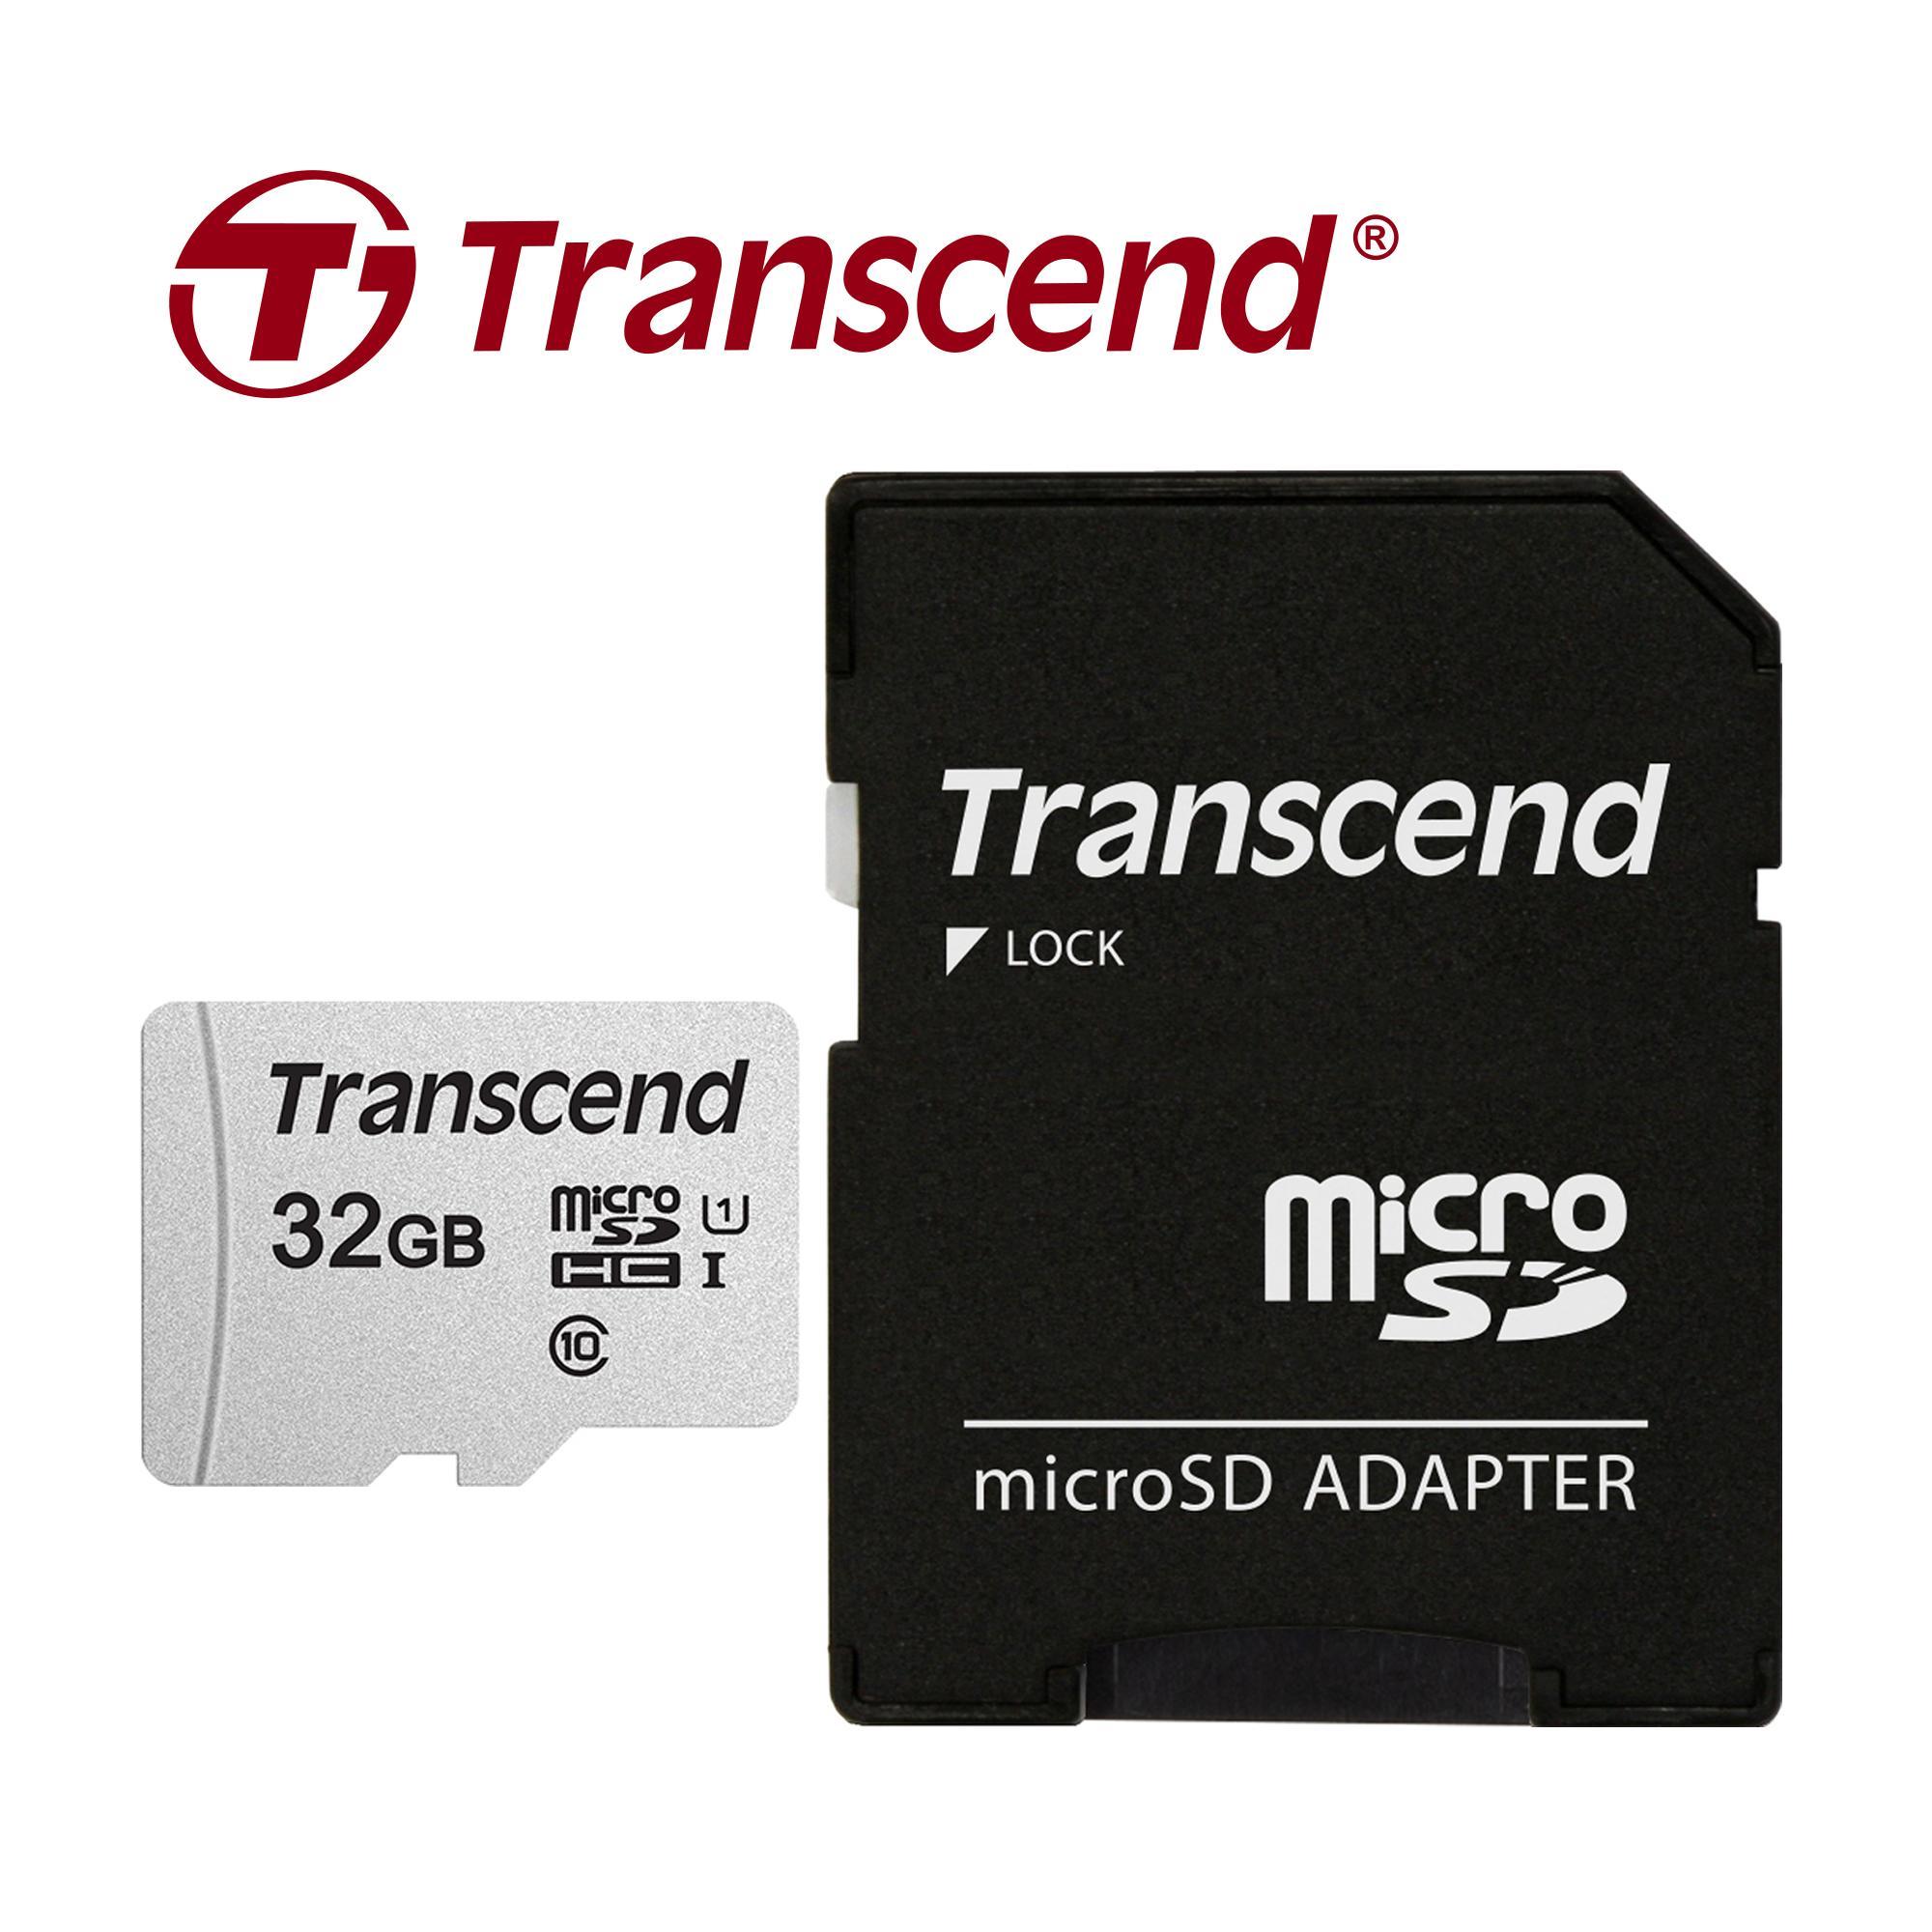 Thẻ nhớ Transcend Micro SDHC 300S C10 U1 V30 A1 95MB/45MB/s 32GB Kèm Adapter - Hàng Chính Hãng